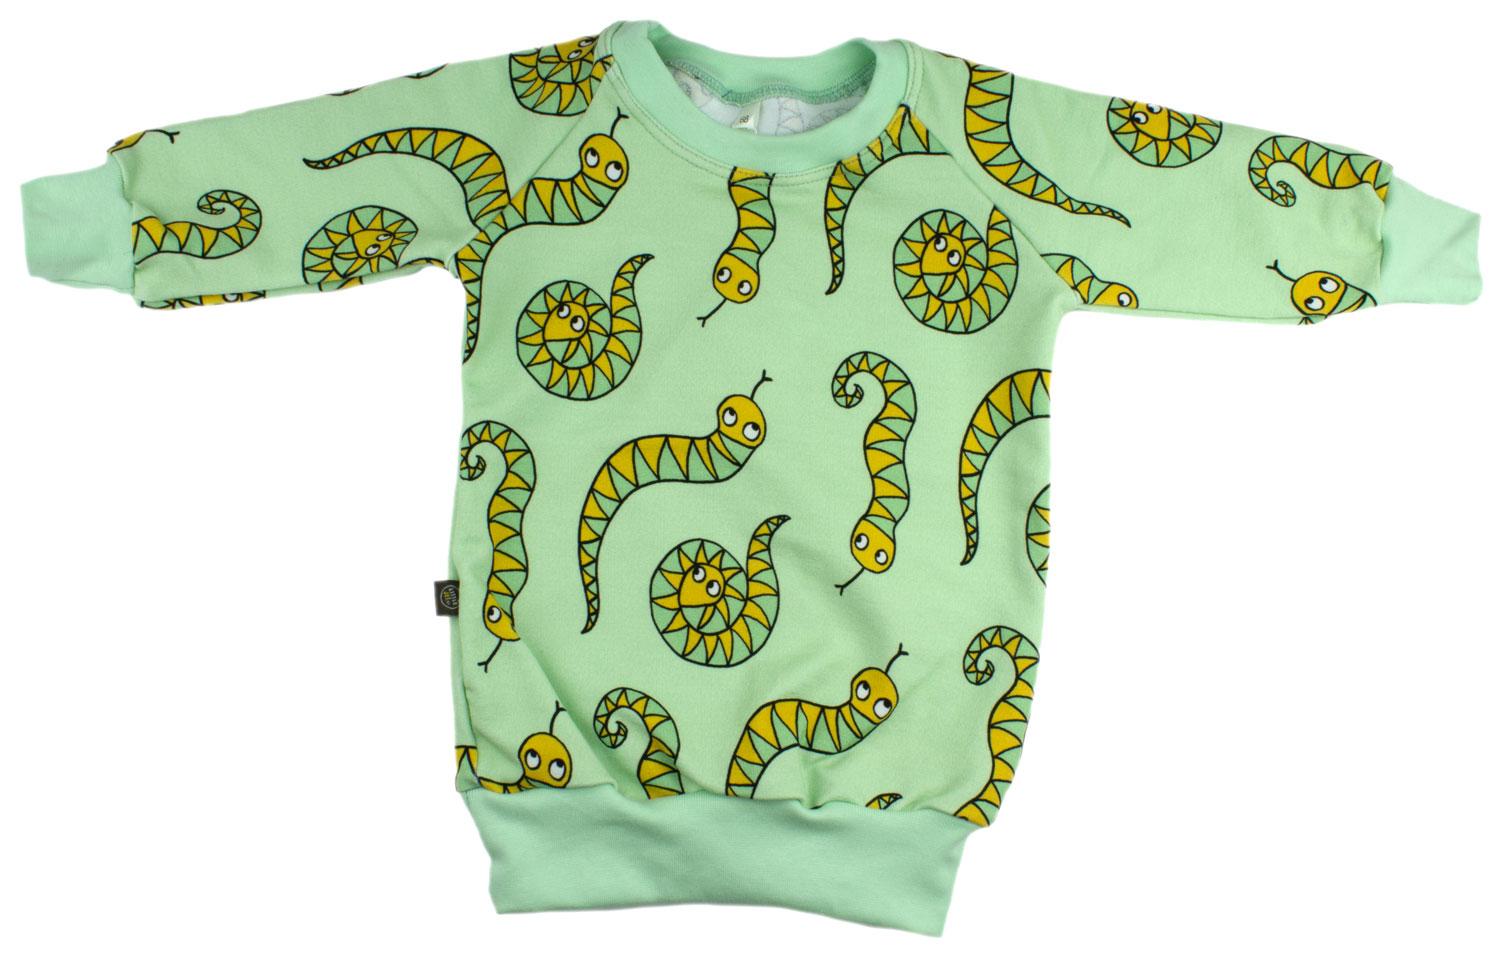 mintgroen met slangen